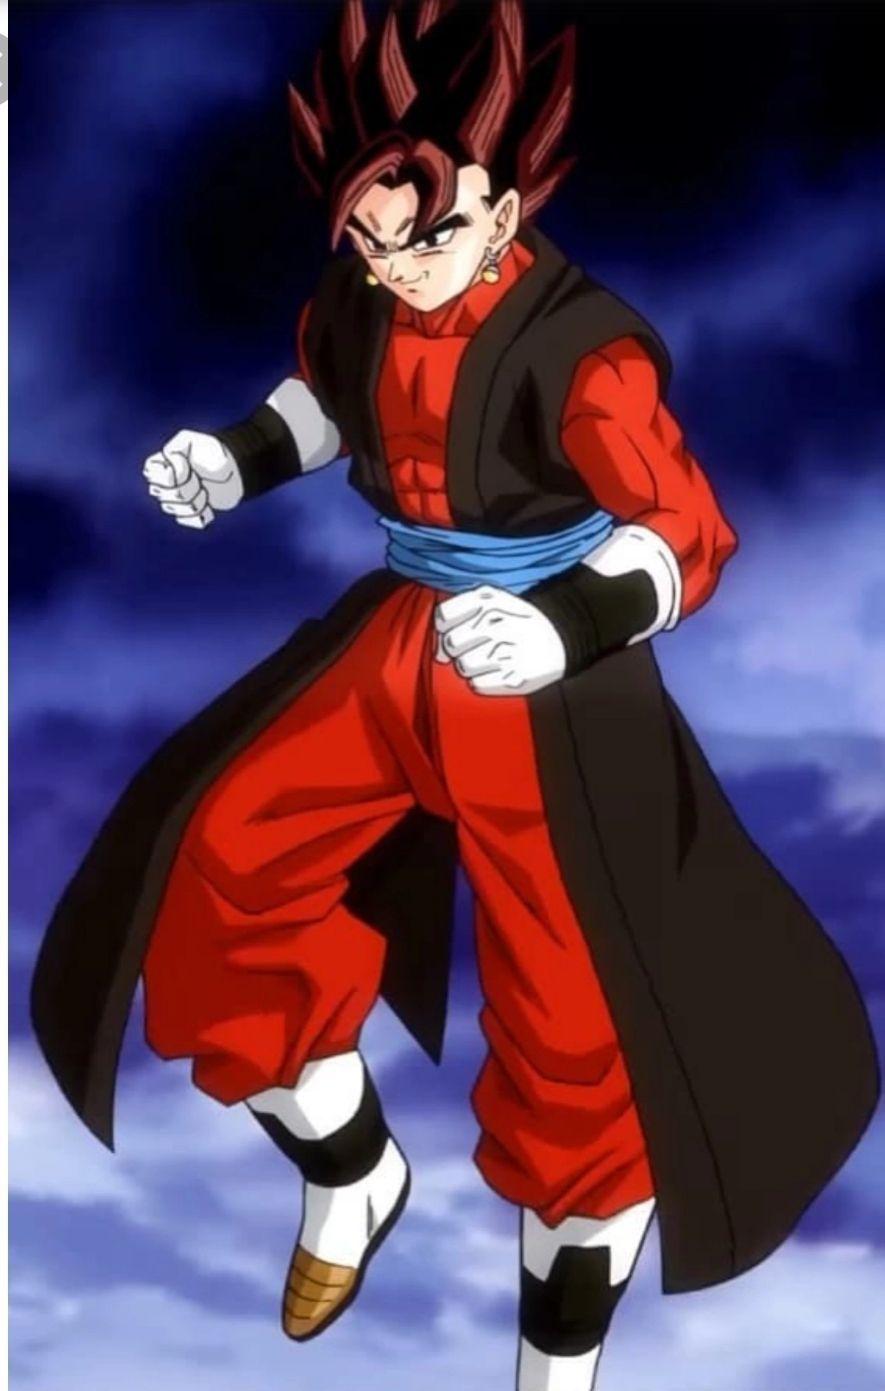 Saiyan Of Dxd The Rating Game An Old Rival Anime Dragon Ball Super Dragon Ball Super Manga Dragon Ball Art